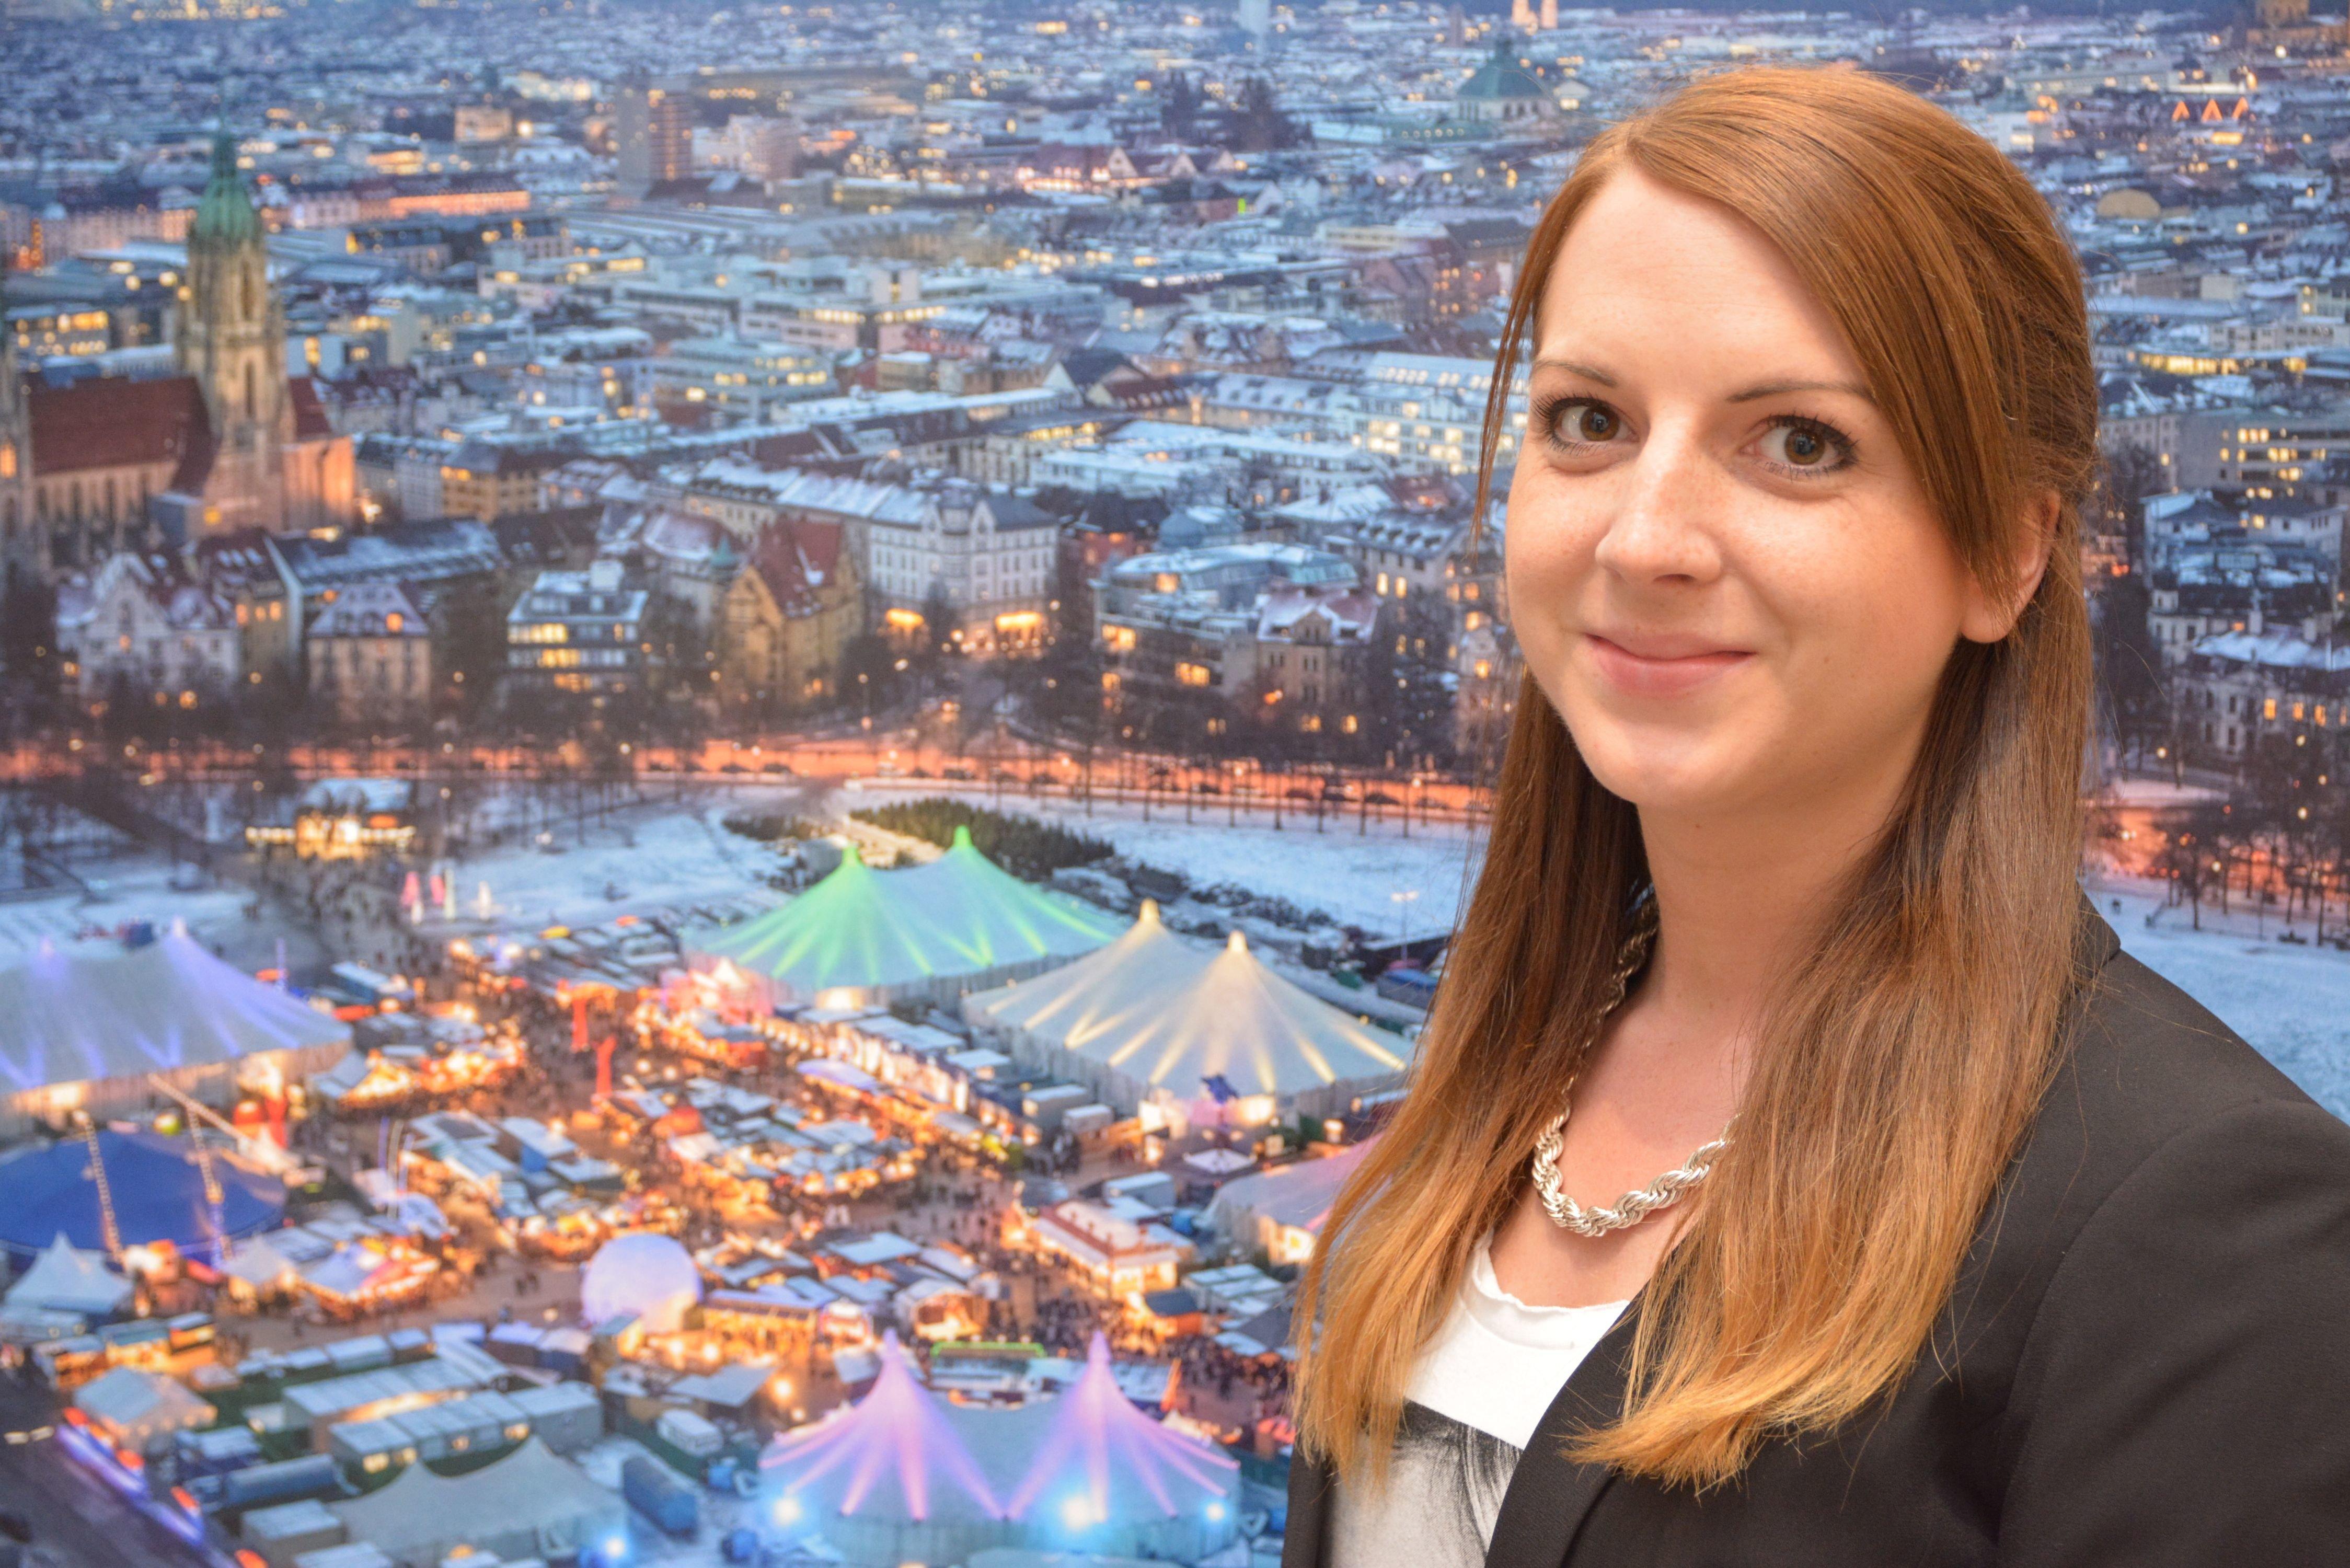 Delia Eppert, derzeit in Budapest im Auslandspraktikum